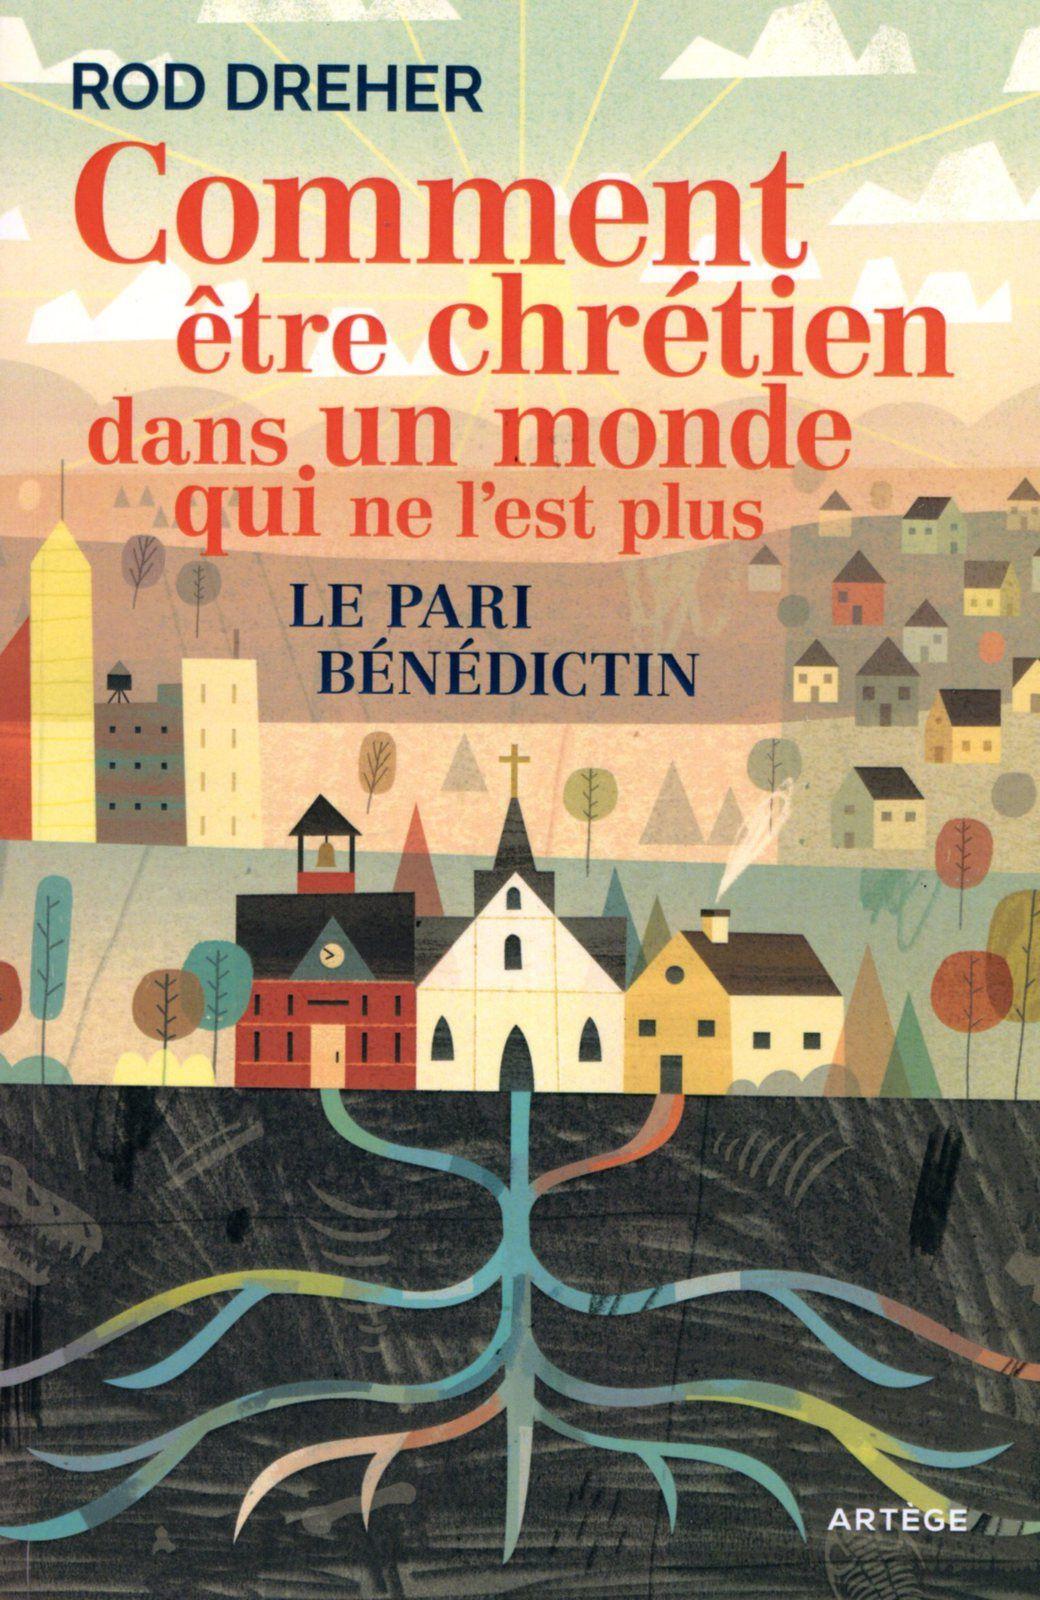 Rod Dreher, Comment être chrétien dans un monde qui ne l'est plus ? Le pari bénédictin (Artège)